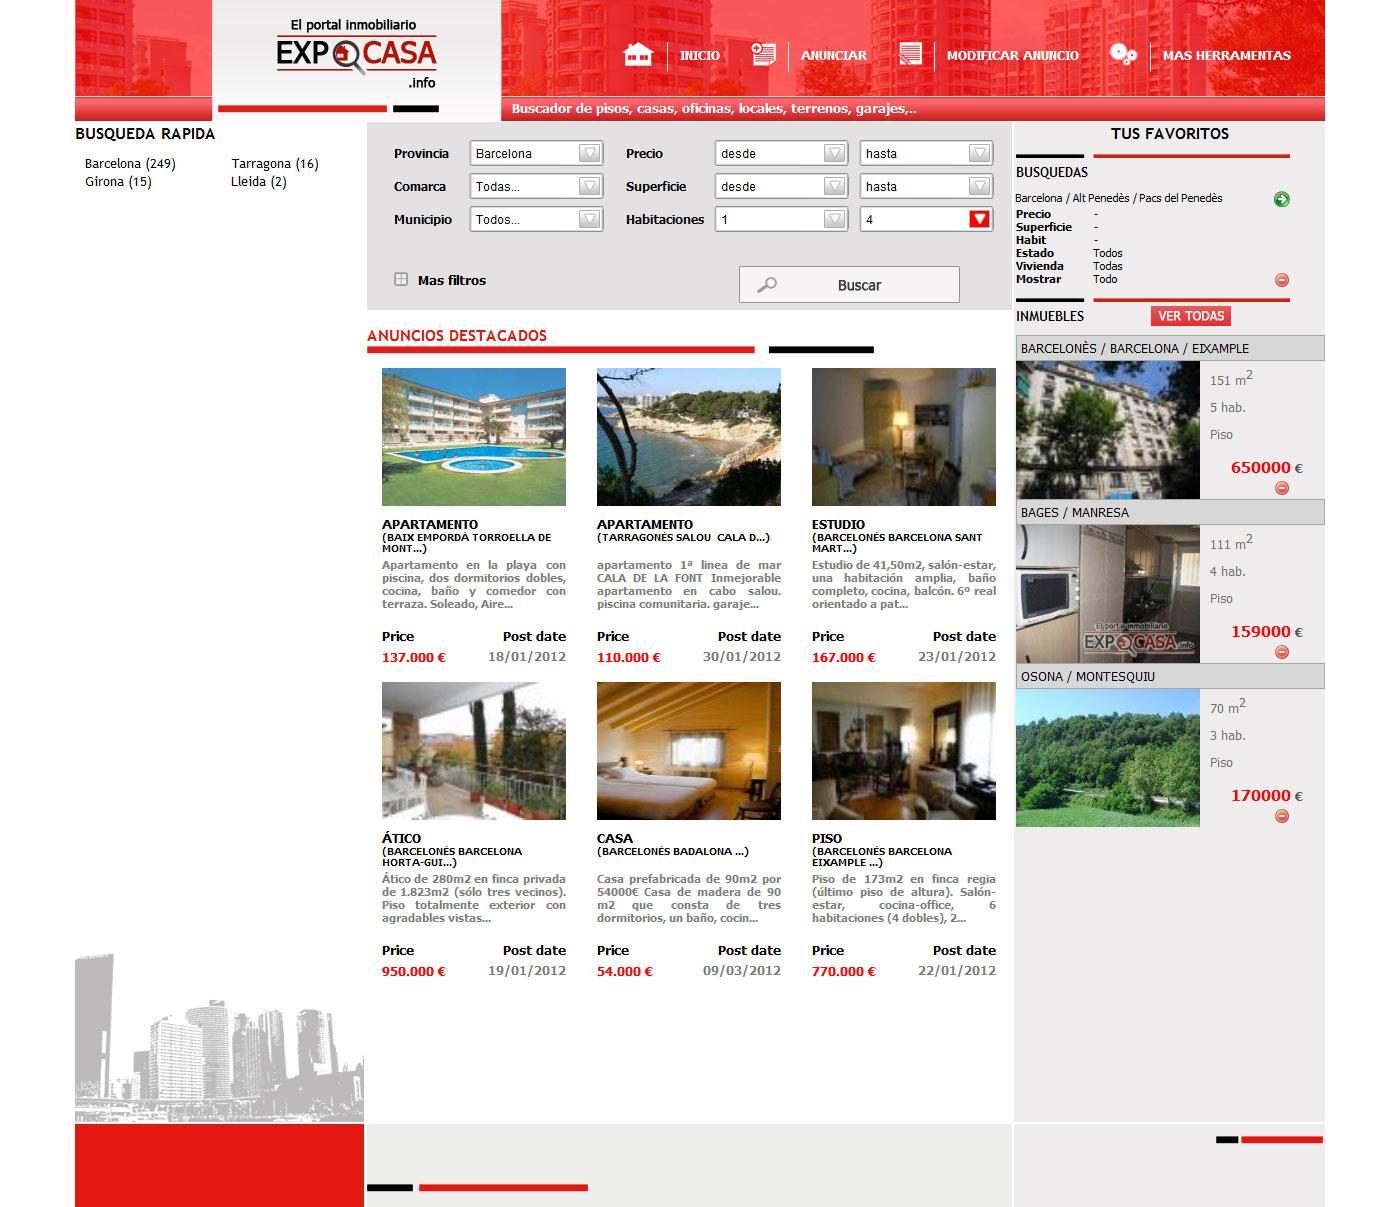 Испанские сайты по продаже недвижимости